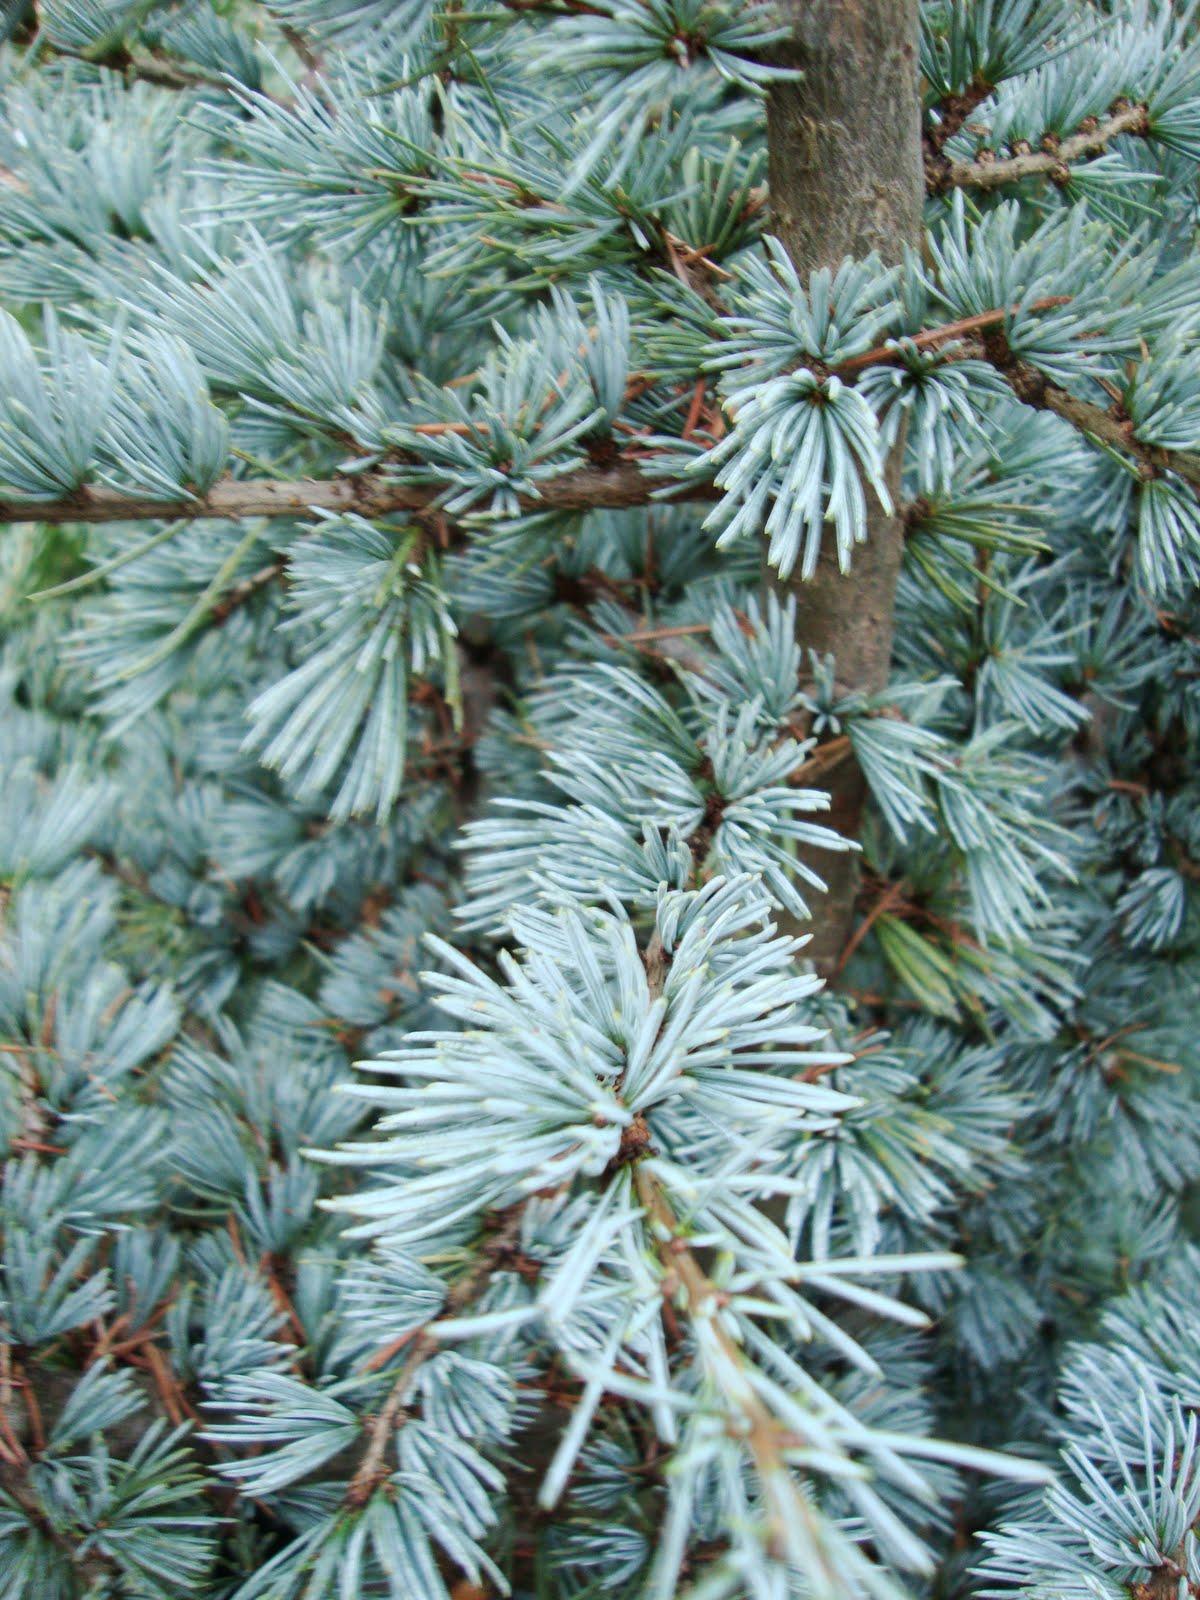 I M Dreaming Of A Blue Atlas Cedar Christmas